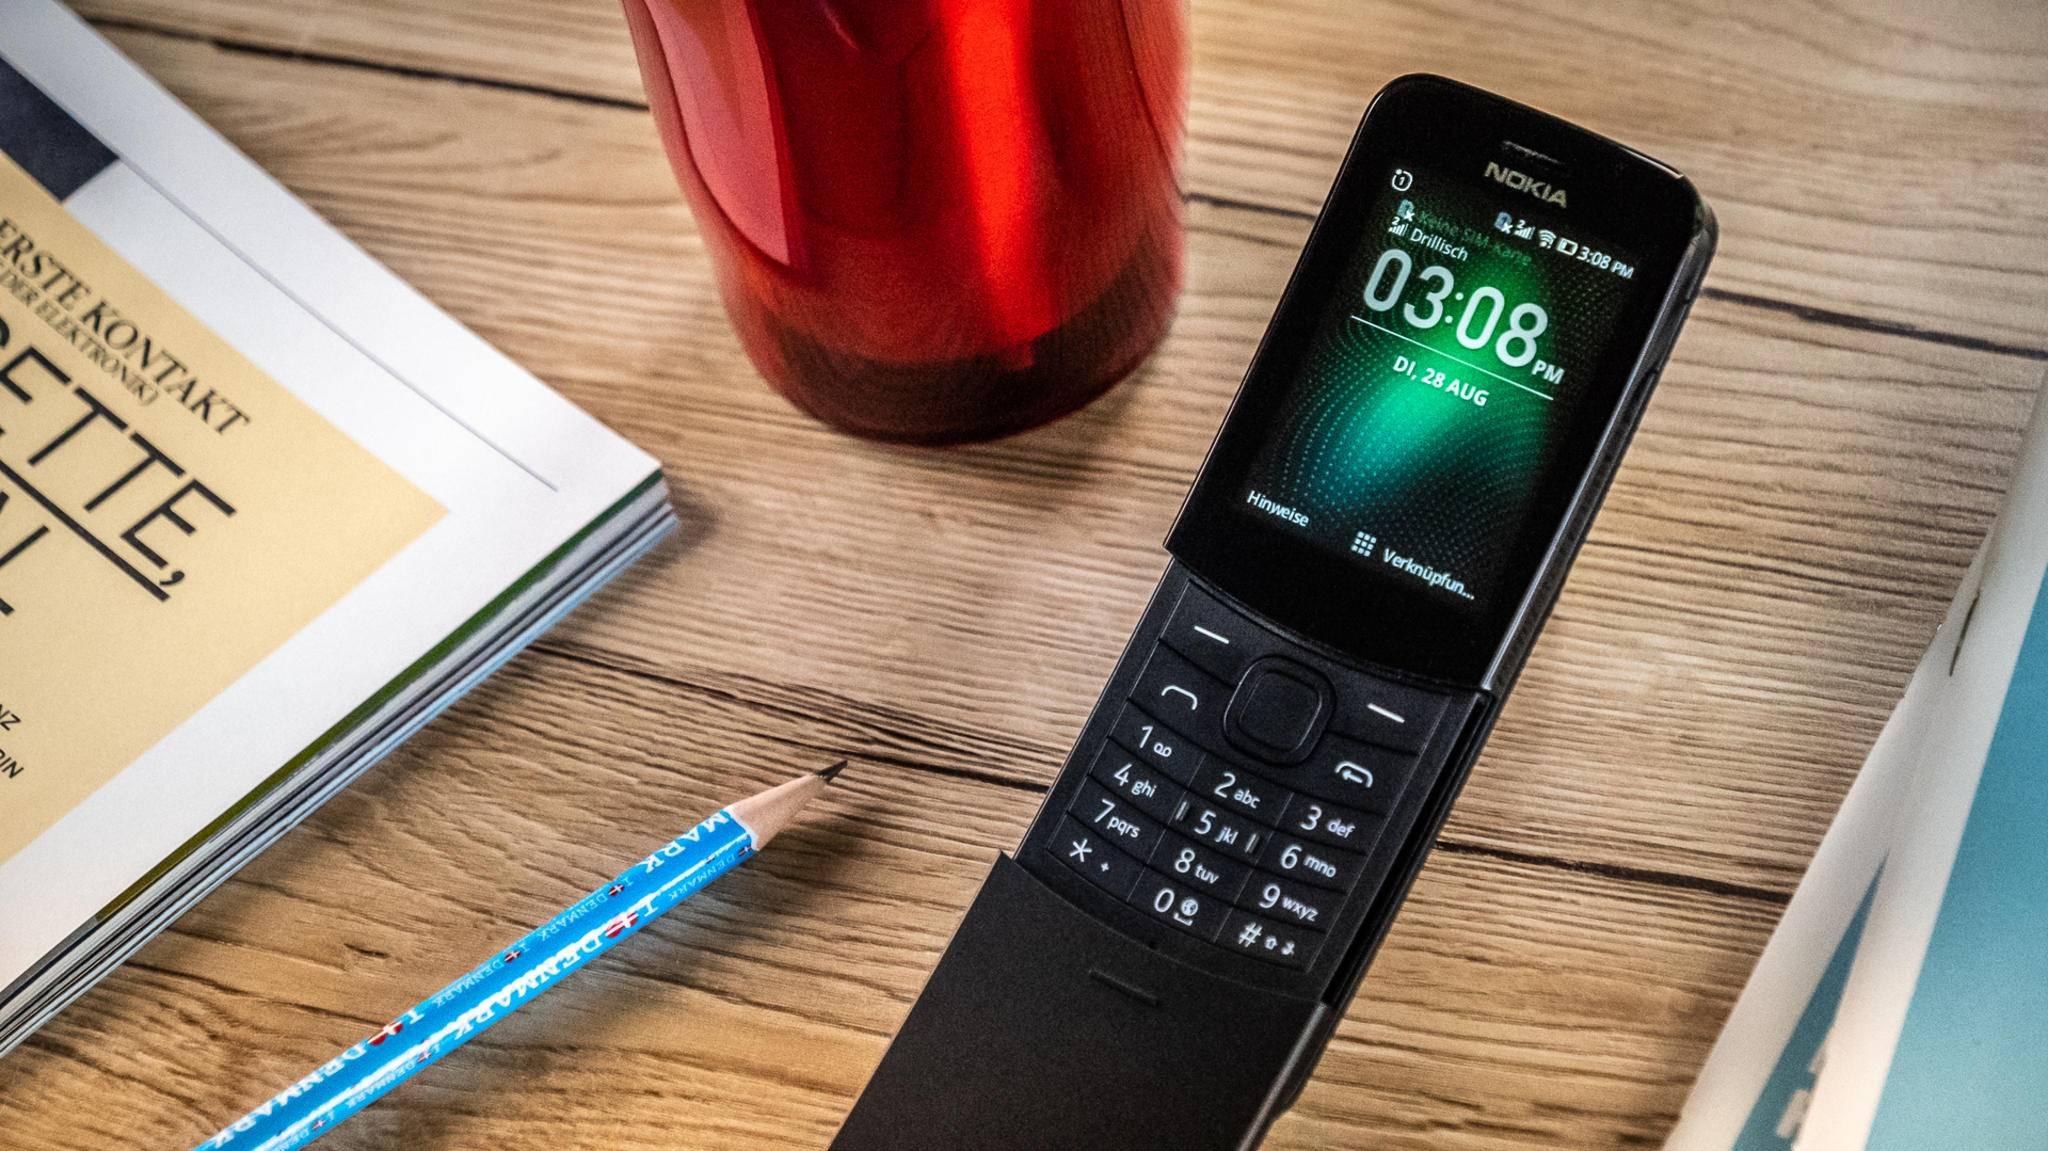 WhatsApp soll es bald auch auf dem Nokia 8110 von 2018 geben.